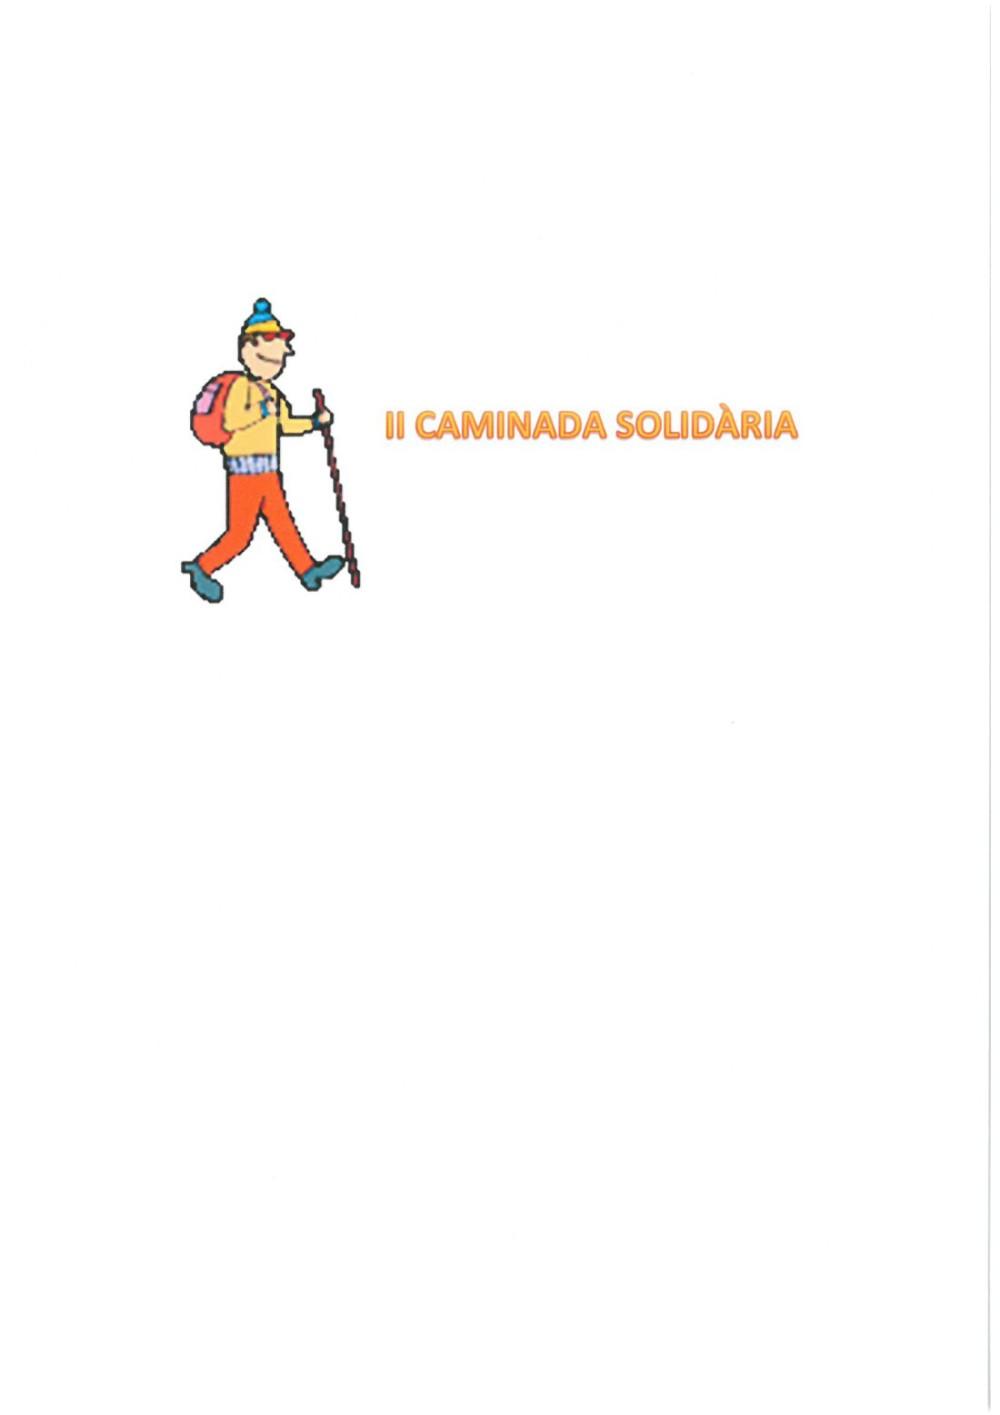 AJORNAMENT II CAMINADA SOLIDÀRIA